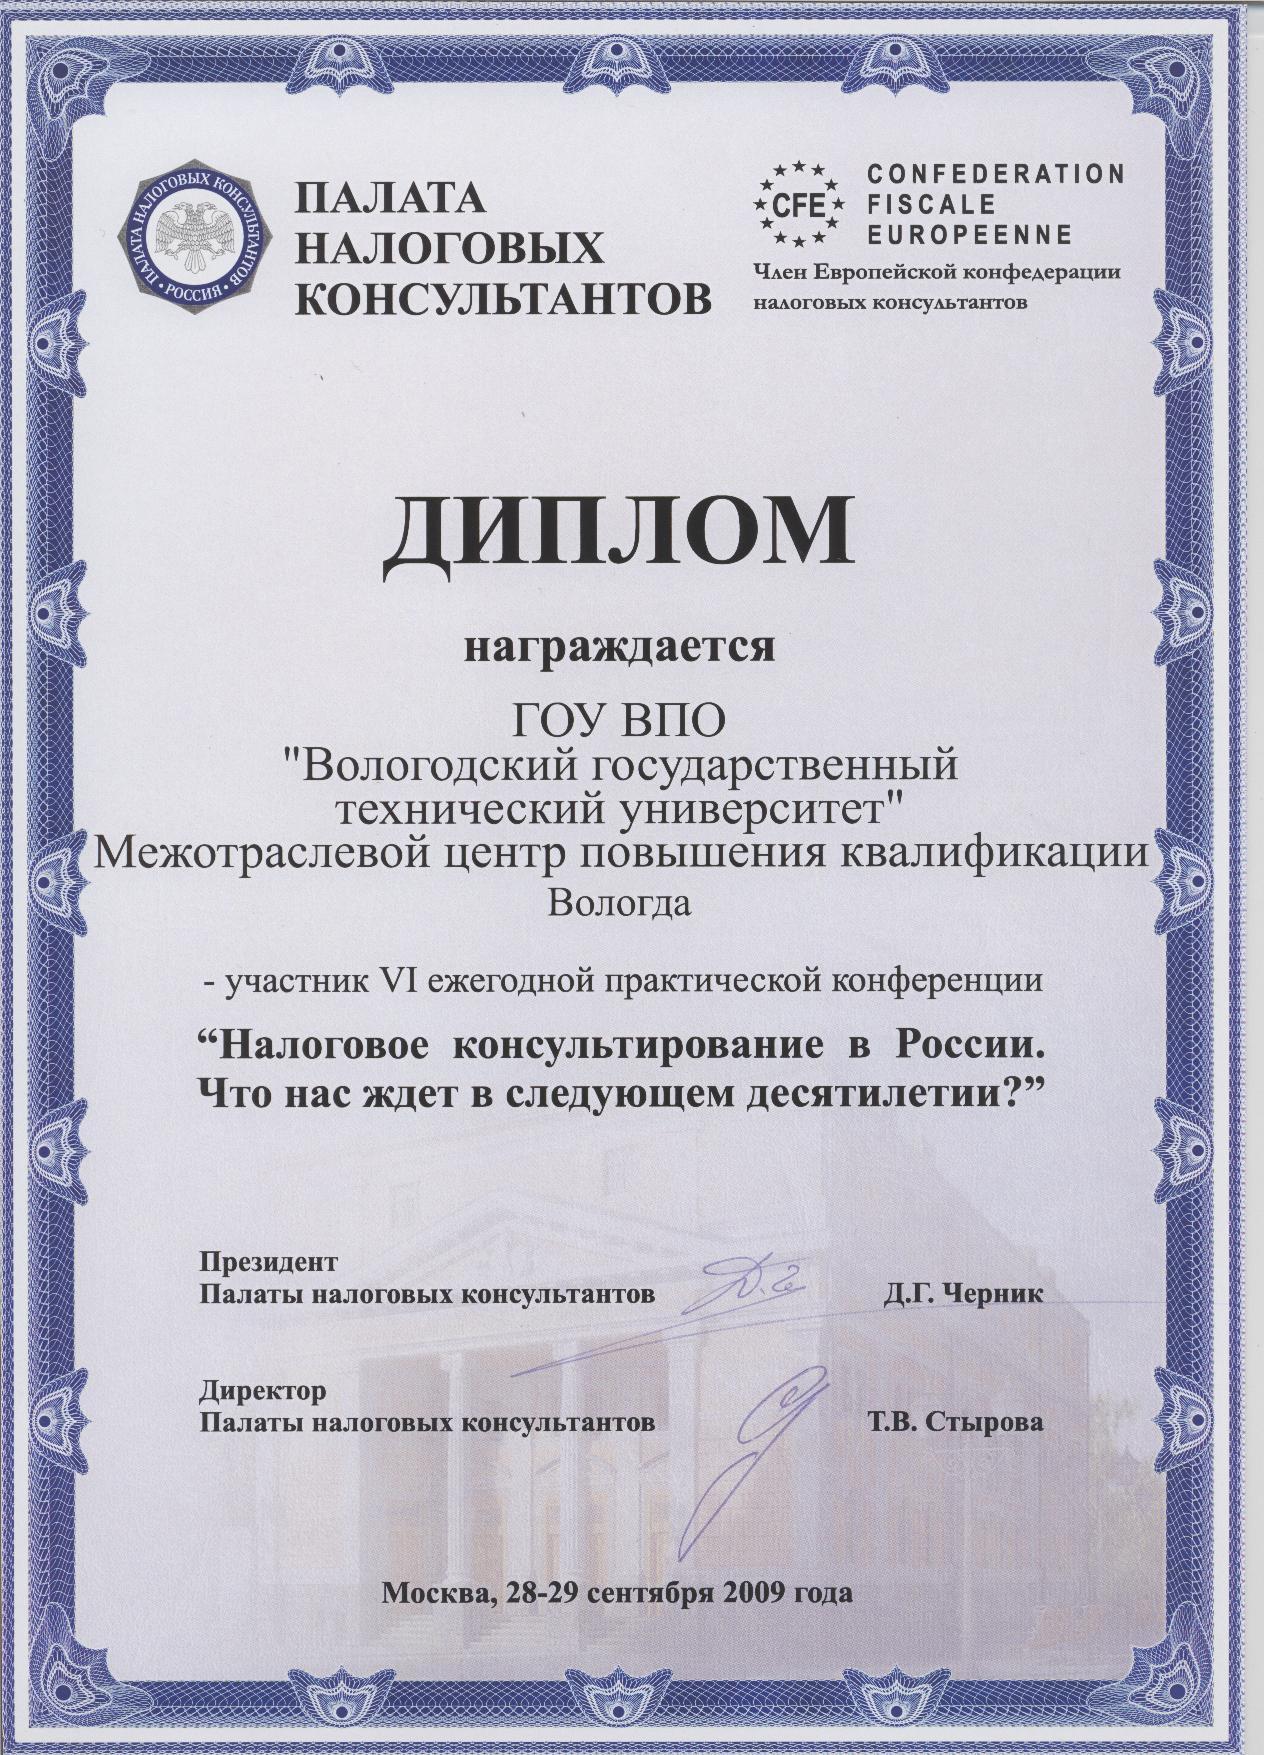 портфолио Диплом участника конференции Налоговое консультирование в России Что нас ждет в следующем десятилетии